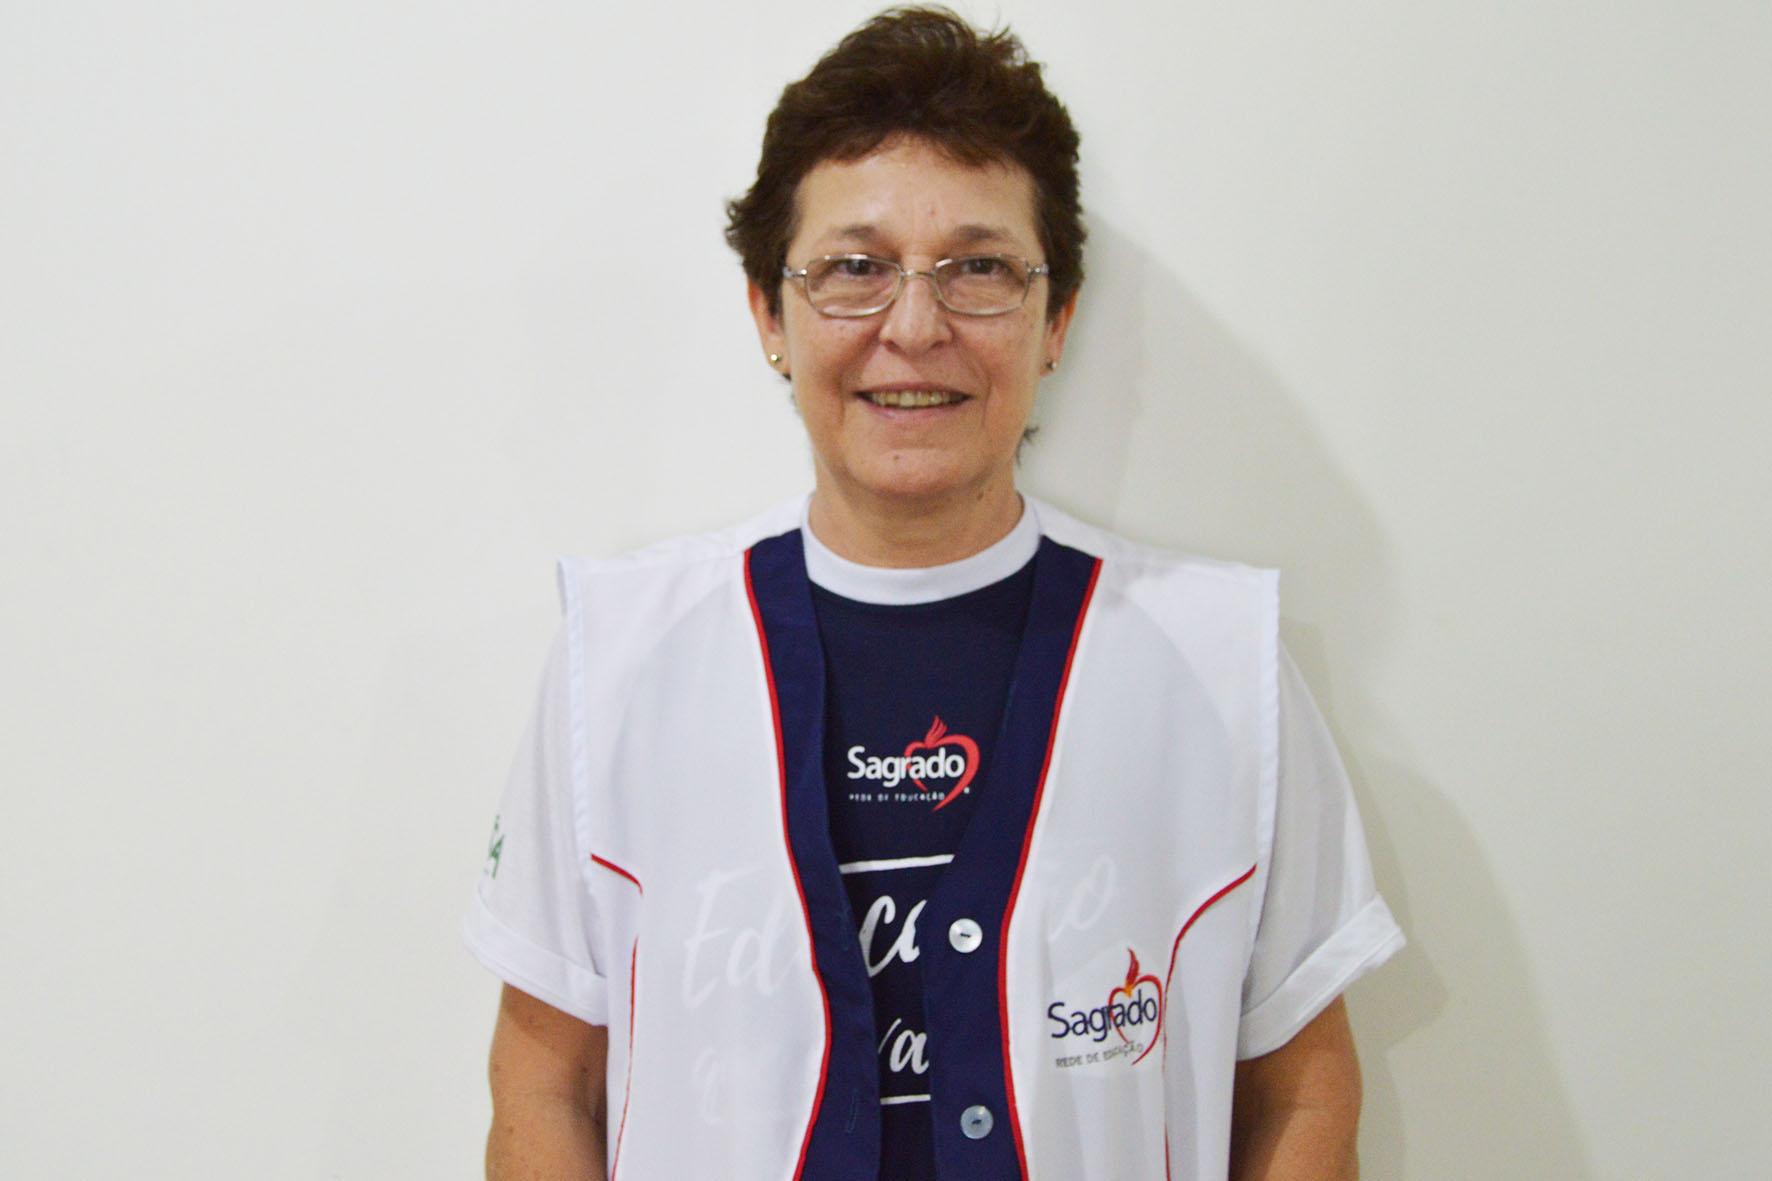 ROSELEY MARIA VALERIO GOLONI